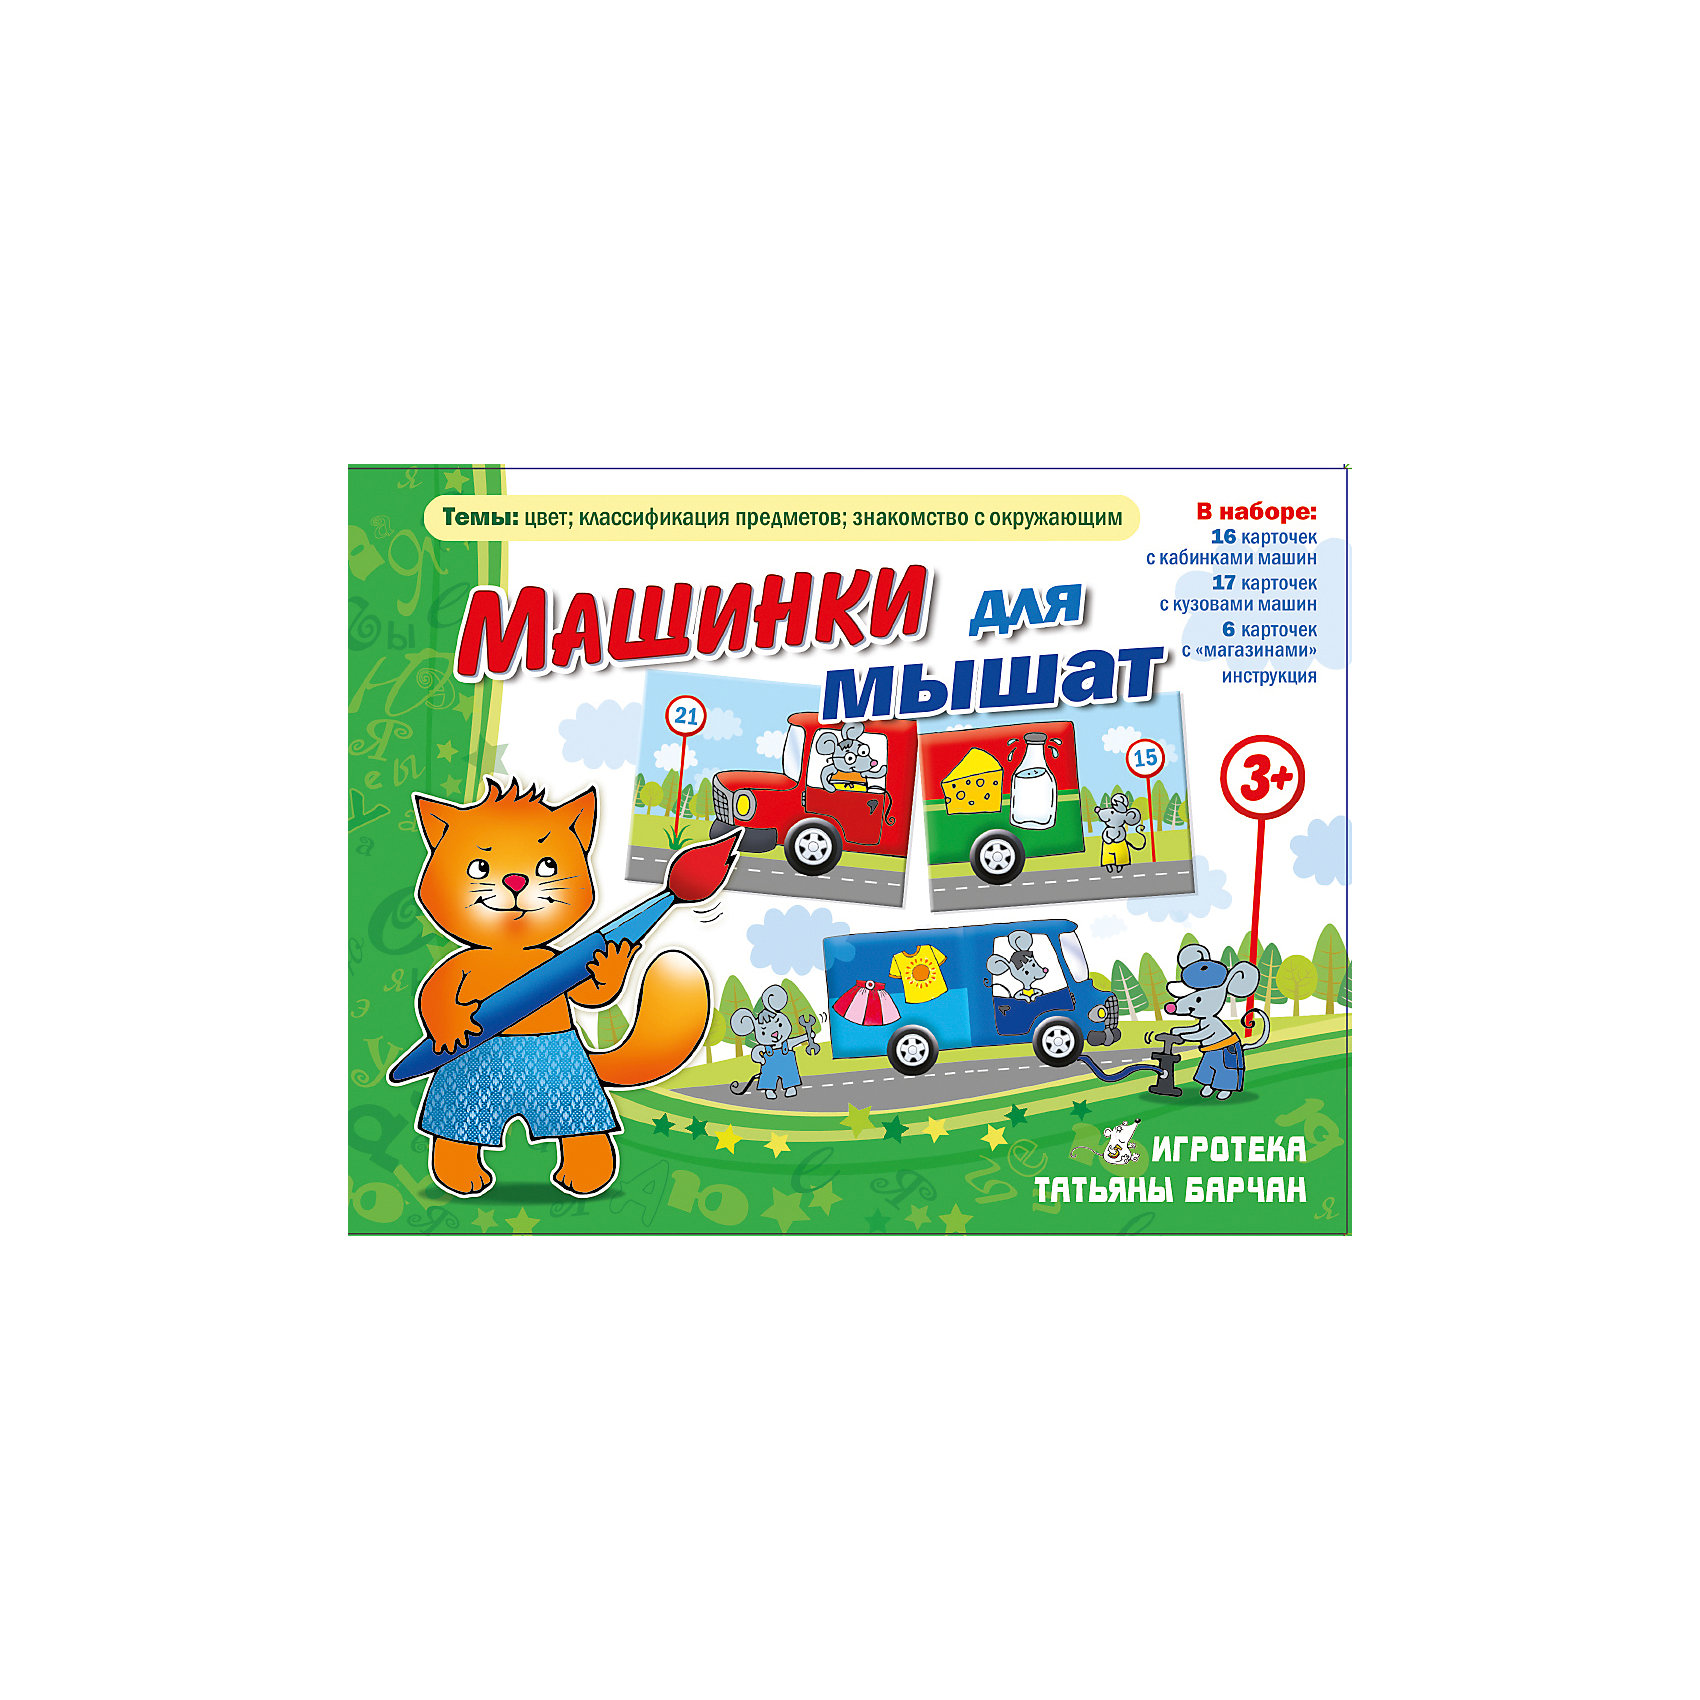 Машинки для мышат, Игротека Татьяны БарчанВикторины и ребусы<br>Машинки для мышат, Игротека Татьяны Барчан.<br><br>Характеристики:<br><br>• Для детей в возрасте: от 3 до 5 лет<br>• В комплекте: 16 двухсторонних карточек с кабинками машин 4 цветов, 17 карточек с разноцветными кузовами машинок, 6 двухсторонних карточек с магазинчиками, инструкция<br>• Тема: Классификация предметов. Знакомство с окружающим миром<br>• Размер карточек с кабинками и кузовами: 7,5х5,5 см.<br>• Размер карточек с магазинами: 12х7,5 см.<br>• Материал: плотный качественный картон<br>• Производитель: ЦОТР Ребус (Россия)<br>• Упаковка: картонная коробка<br>• Размер упаковки: 135х180х40 мм.<br>• Вес: 176 гр.<br><br>Развить внимание и усидчивость, связную речь, научиться ориентироваться в пространстве, усвоить понятия налево, направо, получить навыки распределения предметов по группам, классификации предметов, познакомиться с окружающим миром дошколята смогут в процессе увлекательной игры Машинки для мышат. <br><br>В коробке с игрой располагается 16 двухсторонних карточек с кабинками машин 4 цветов, 17 карточек с разноцветными кузовами машинок, 6 двухсторонних карточек с магазинчиками. Используя карточки, педагоги дошкольных образовательных центров, детских садов, а также родители смогут организовать с детьми 2 игры: Срочный ремонт машин и Везем товары в магазин. <br><br>Первая игра будет проходить по принципу лото. Участникам потребуется подобрать к карточкам с кабинками, кузова соответствующих цветов. Во втором варианте игры, непоседам предстоит определить по картинке с изображением предмета на кузове машины, как называется магазин, куда водитель везет свой товар. Описание подробных правил игры предложены в иллюстрированной инструкции.<br><br>Игру Машинки для мышат, Игротека Татьяны Барчан можно купить в нашем интернет-магазине.<br><br>Ширина мм: 180<br>Глубина мм: 135<br>Высота мм: 40<br>Вес г: 180<br>Возраст от месяцев: 36<br>Возраст до месяцев: 60<br>Пол: Унисекс<br>Возраст: Детский<br>SKU: 6